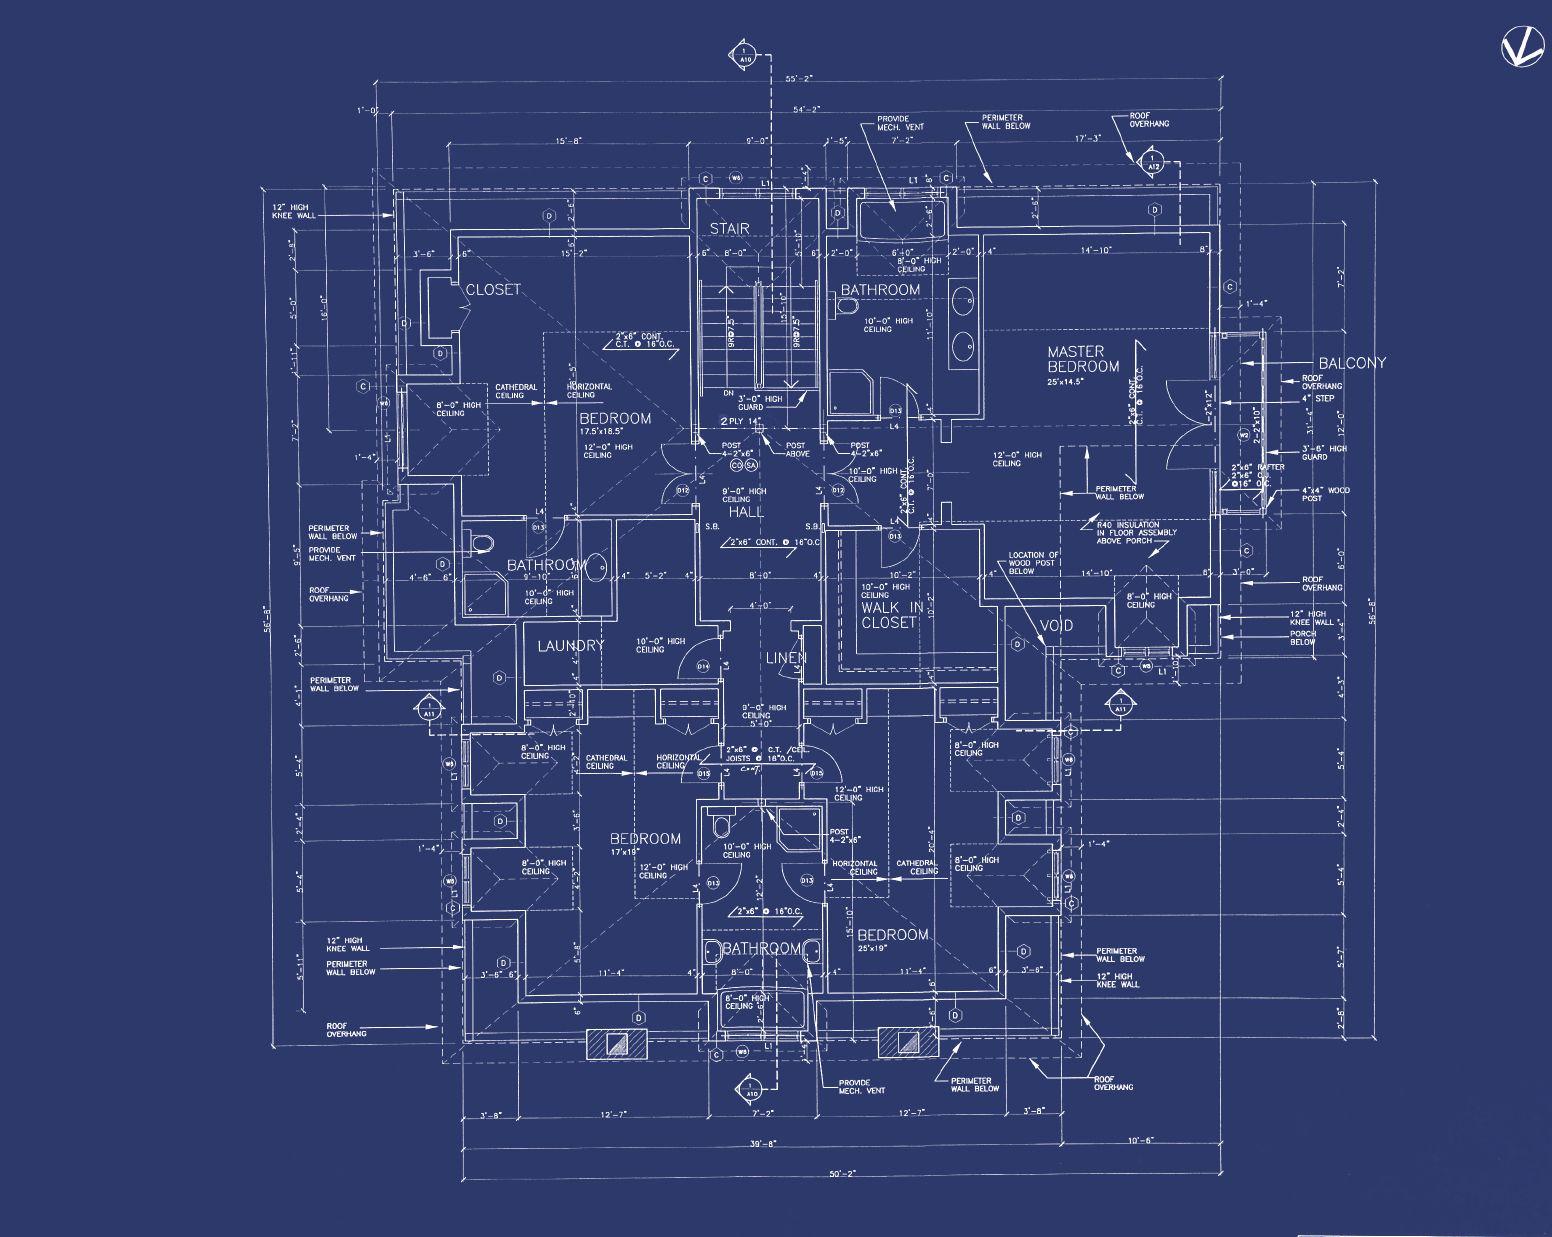 floorplanblueprintl80fa3204e691663cjpg 15521237 plex